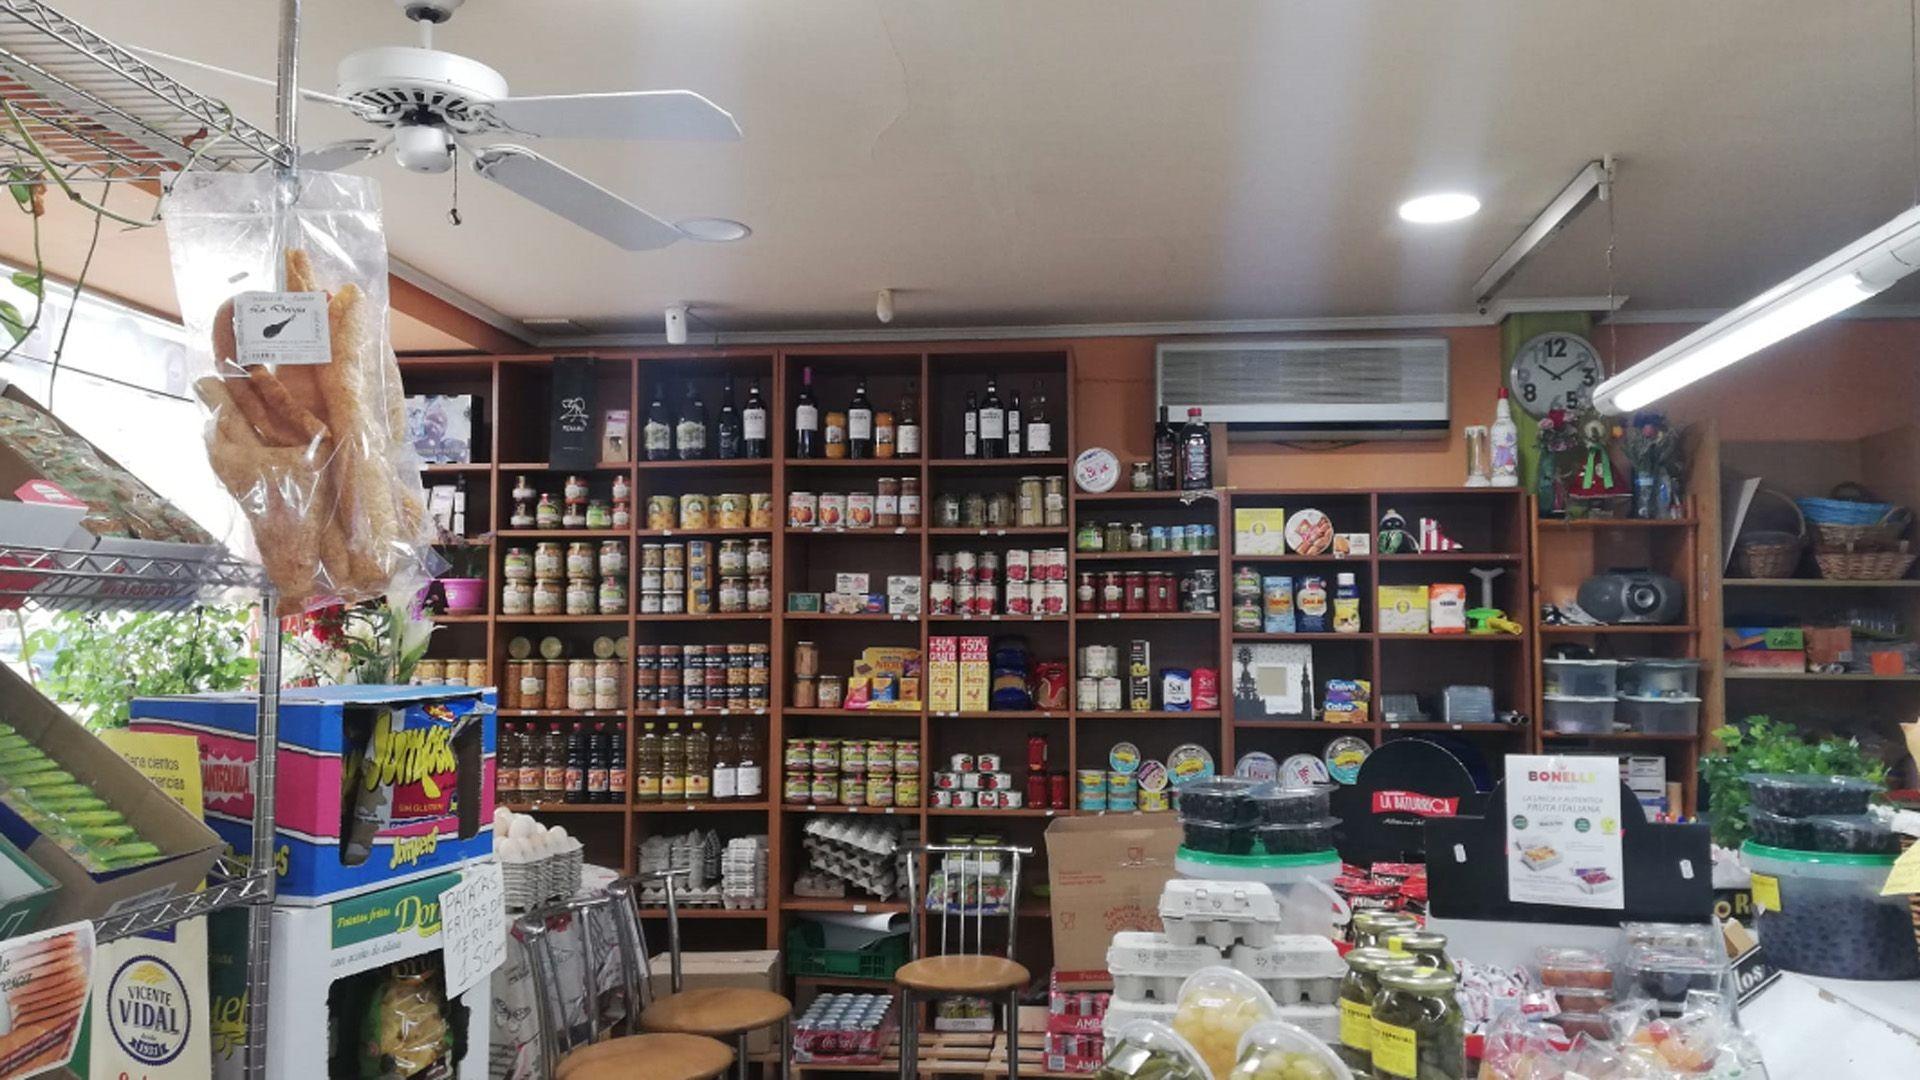 Tienda de alimentación en Zaragoza